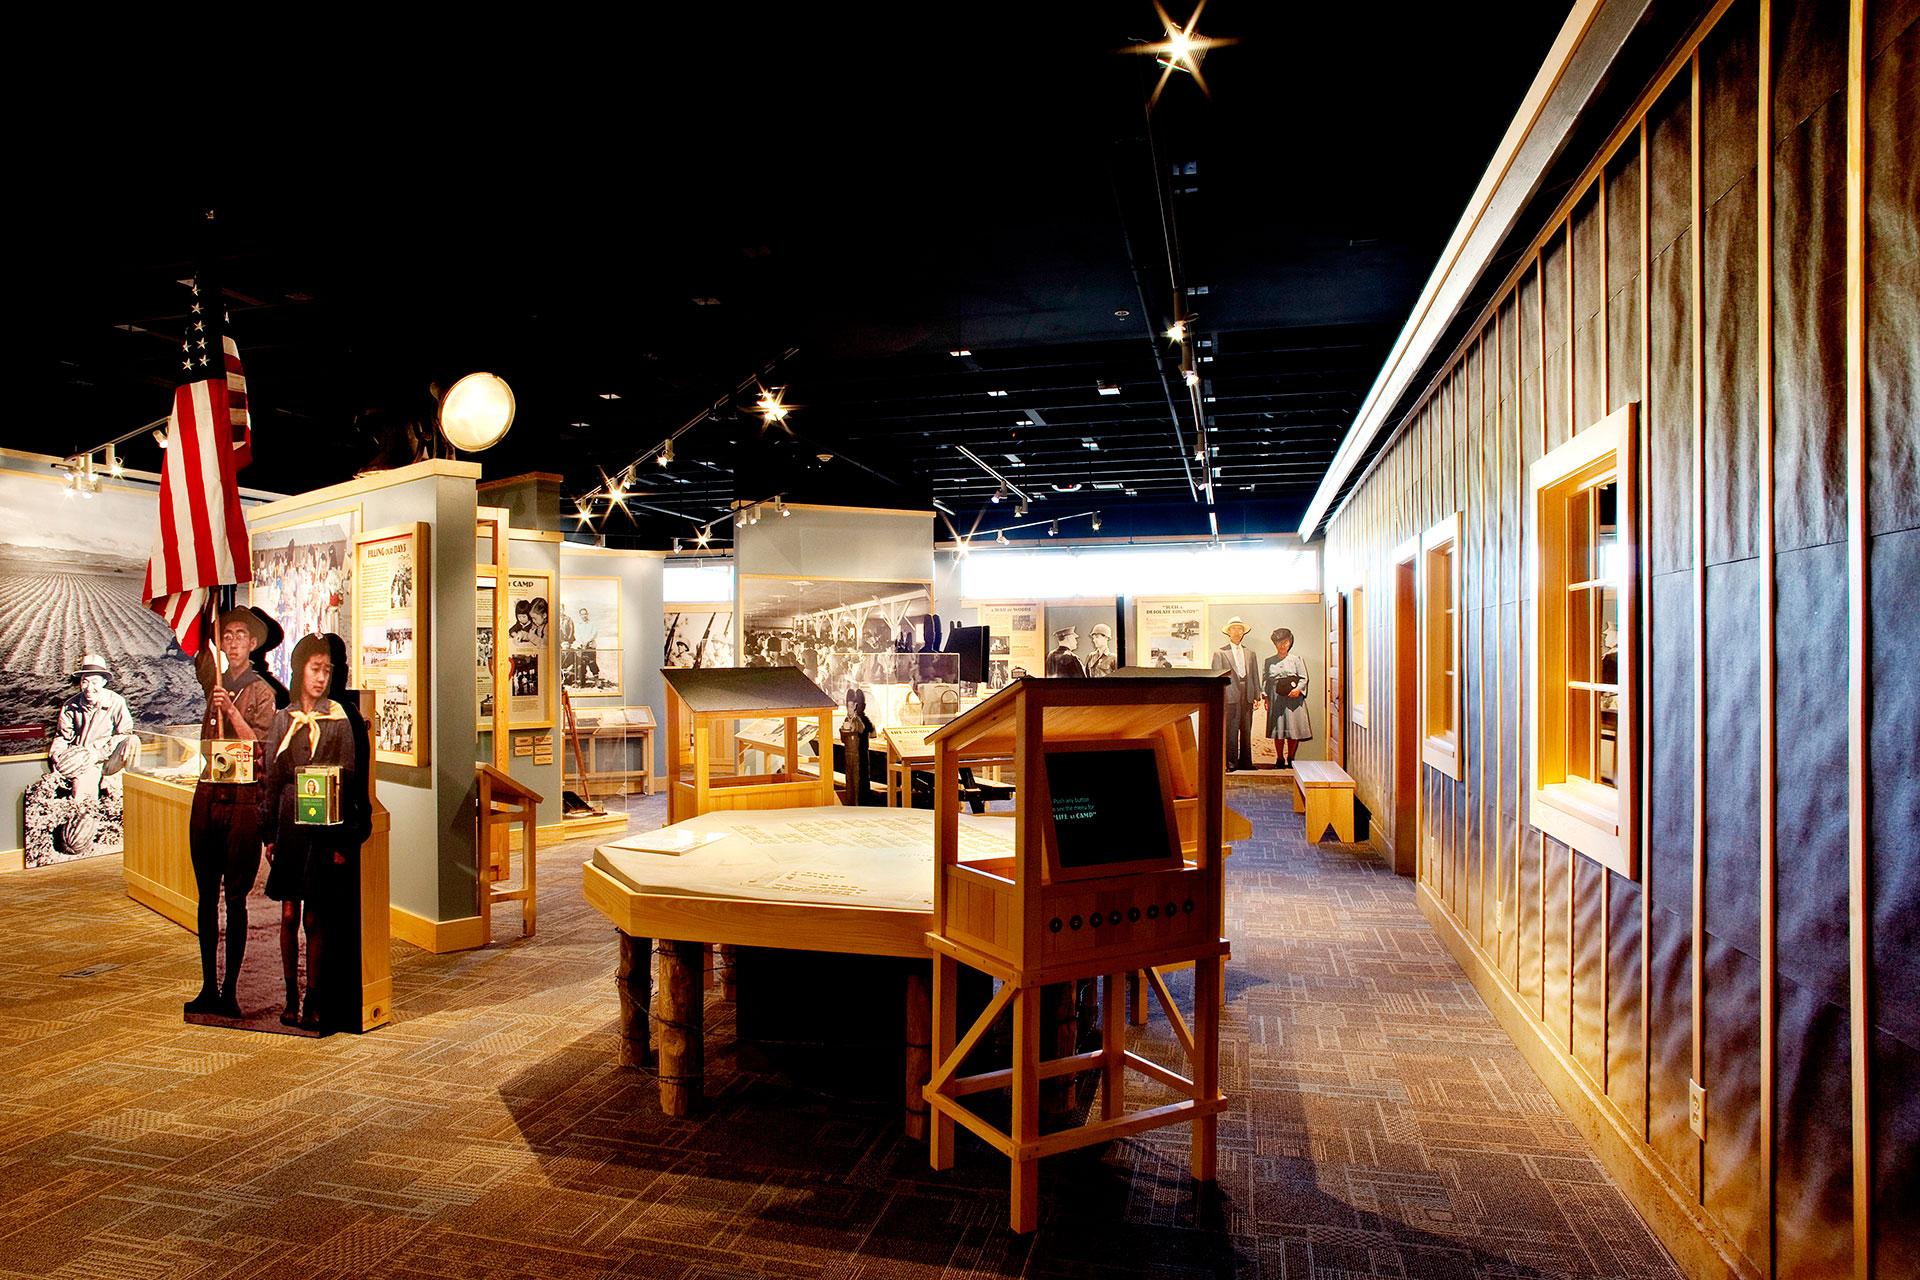 Heart Mountain World War II Interpretive Center; Courtesy of Heart Mountain World War II Interpretive Center